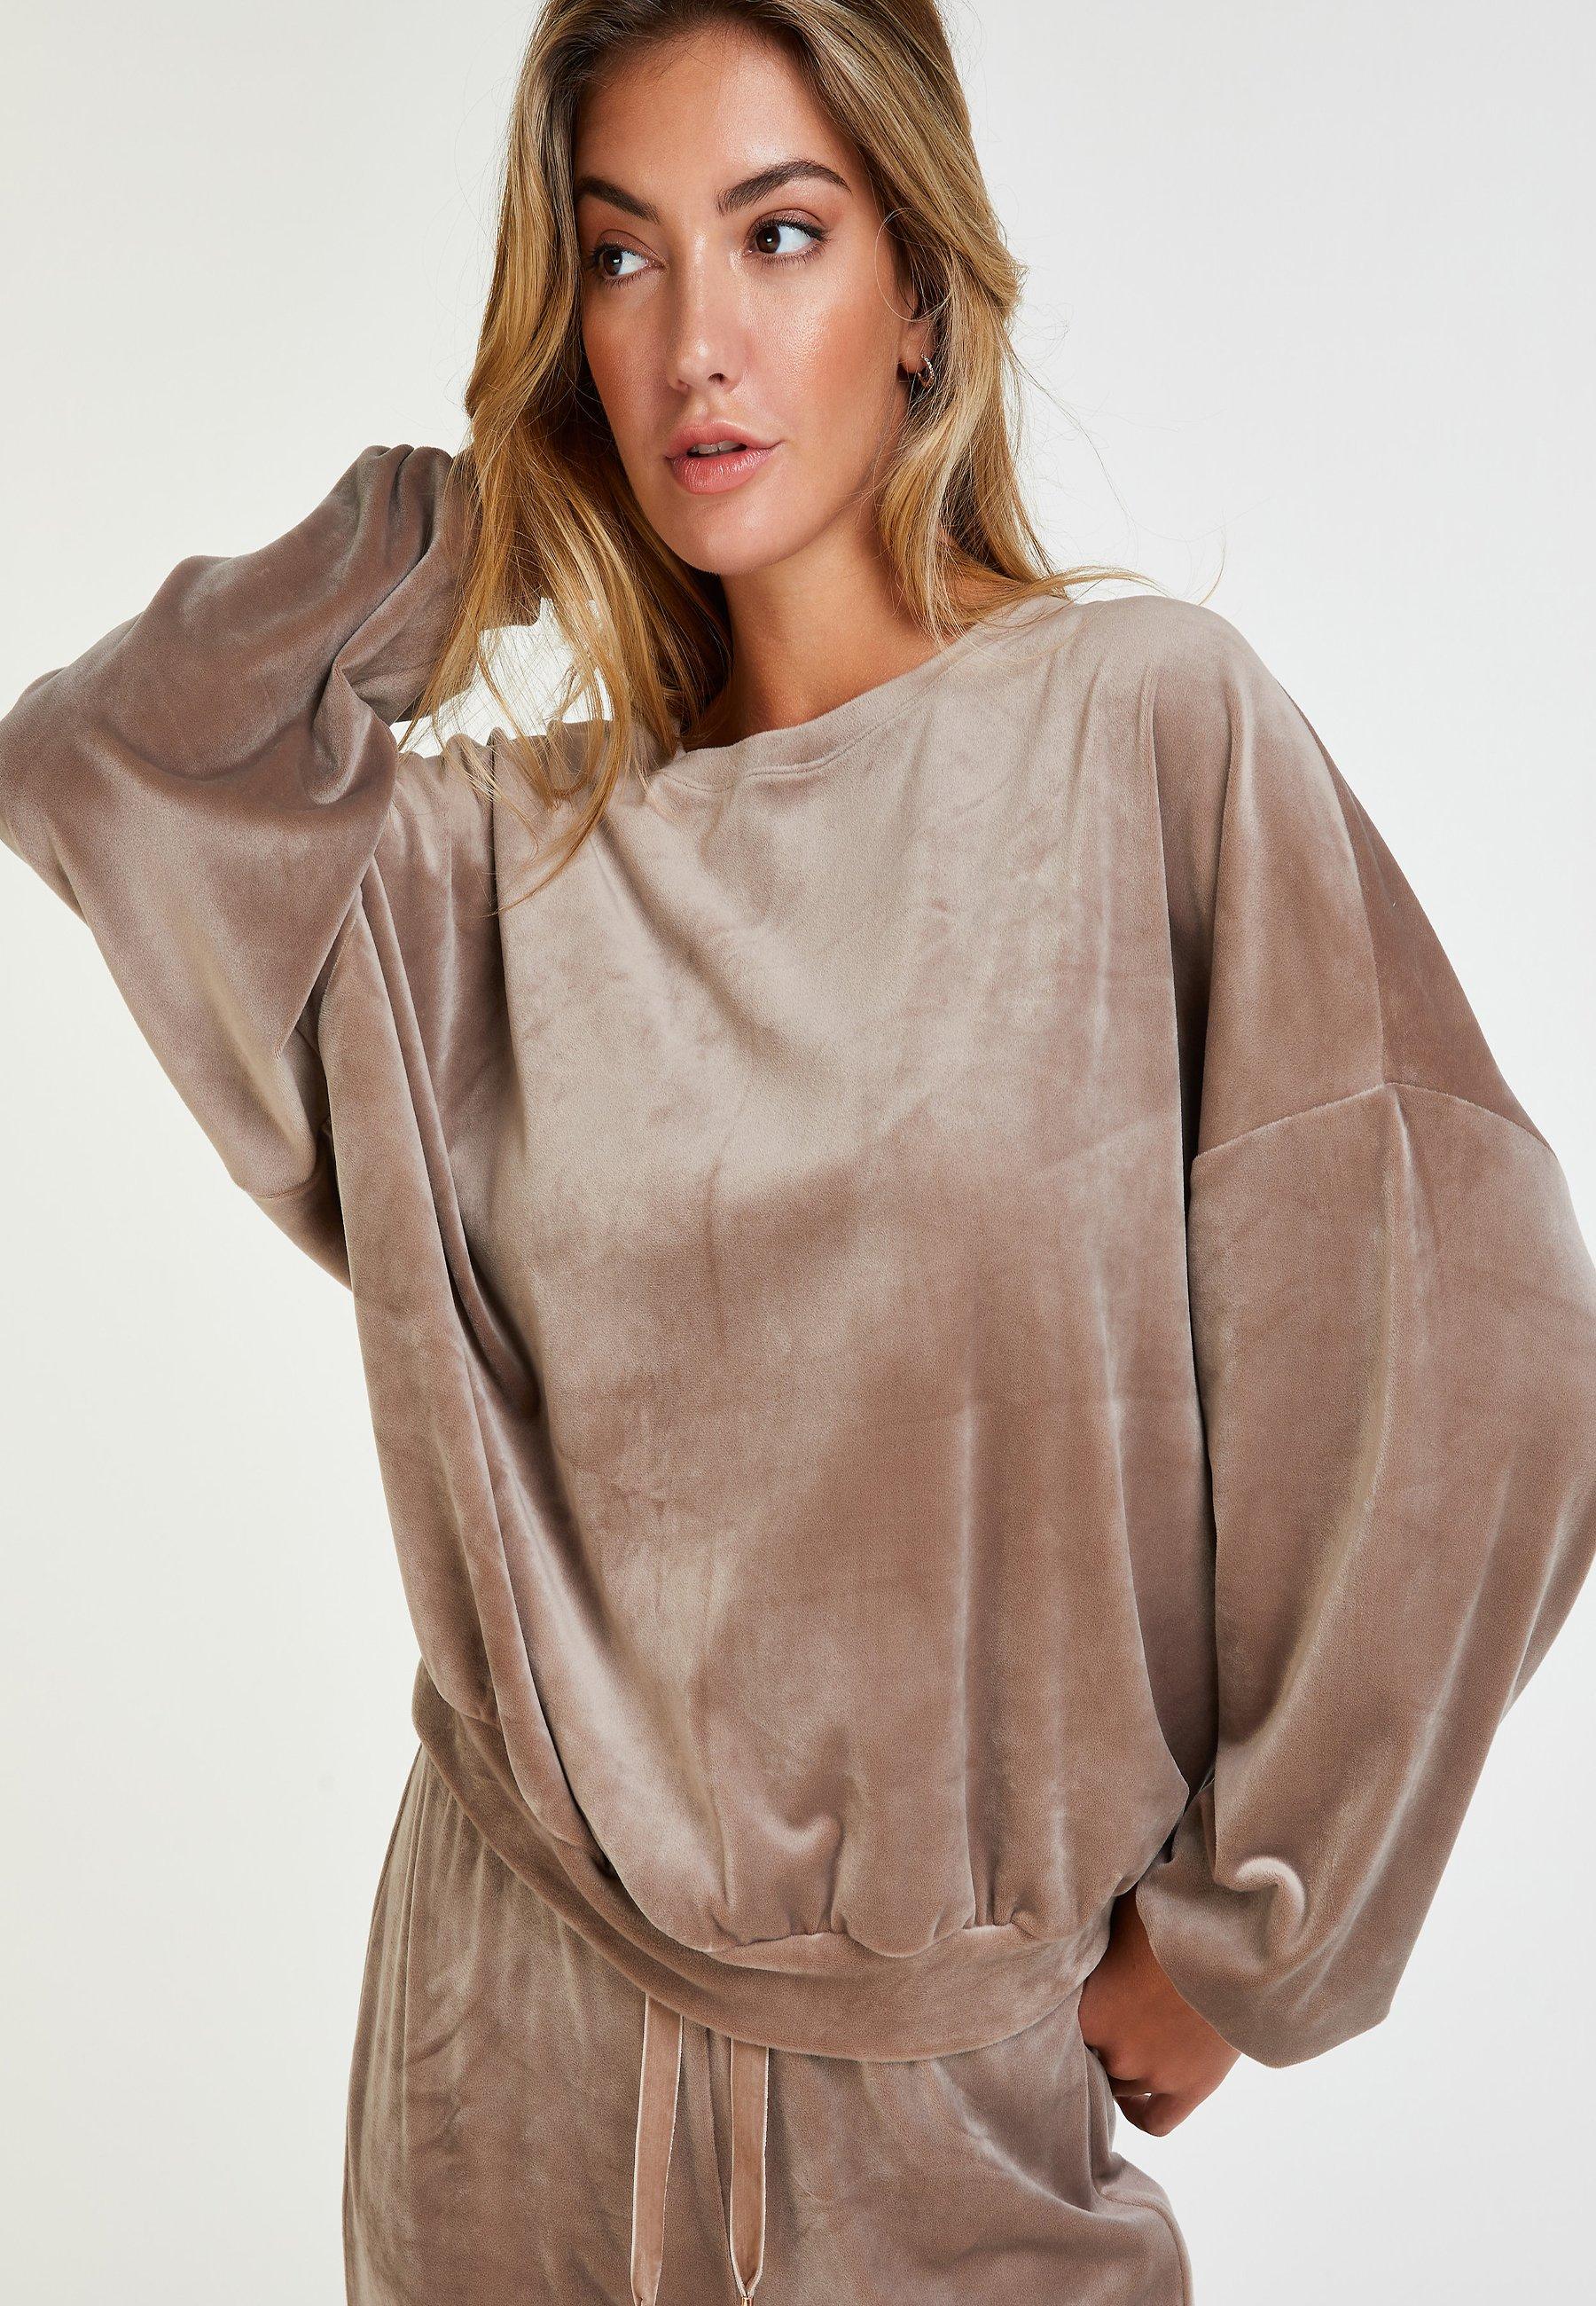 Damen VELOUR LUREX - Nachtwäsche Shirt